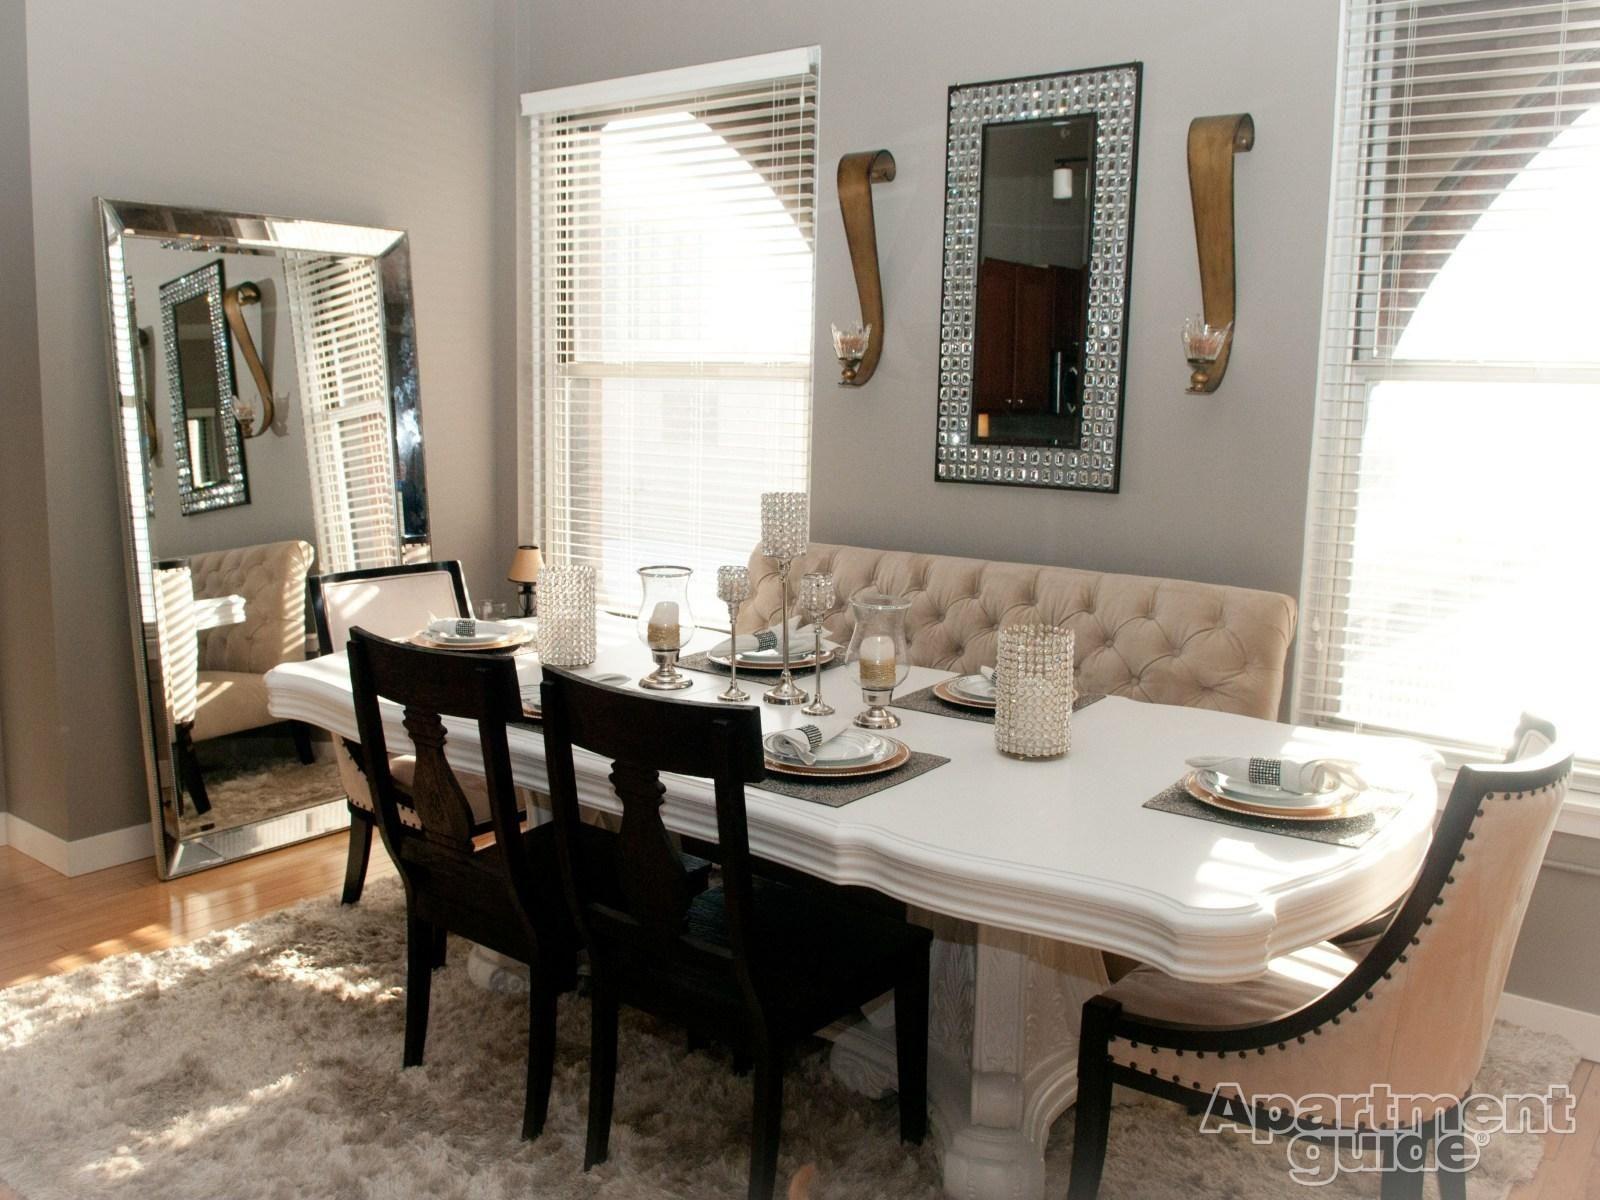 Pioneer Endicott Apartments In Saint Paul Mn 55101 Studio 2 Bed 1 3 Bath Rentals 44 Photos Trulia Trulia Apartment Home